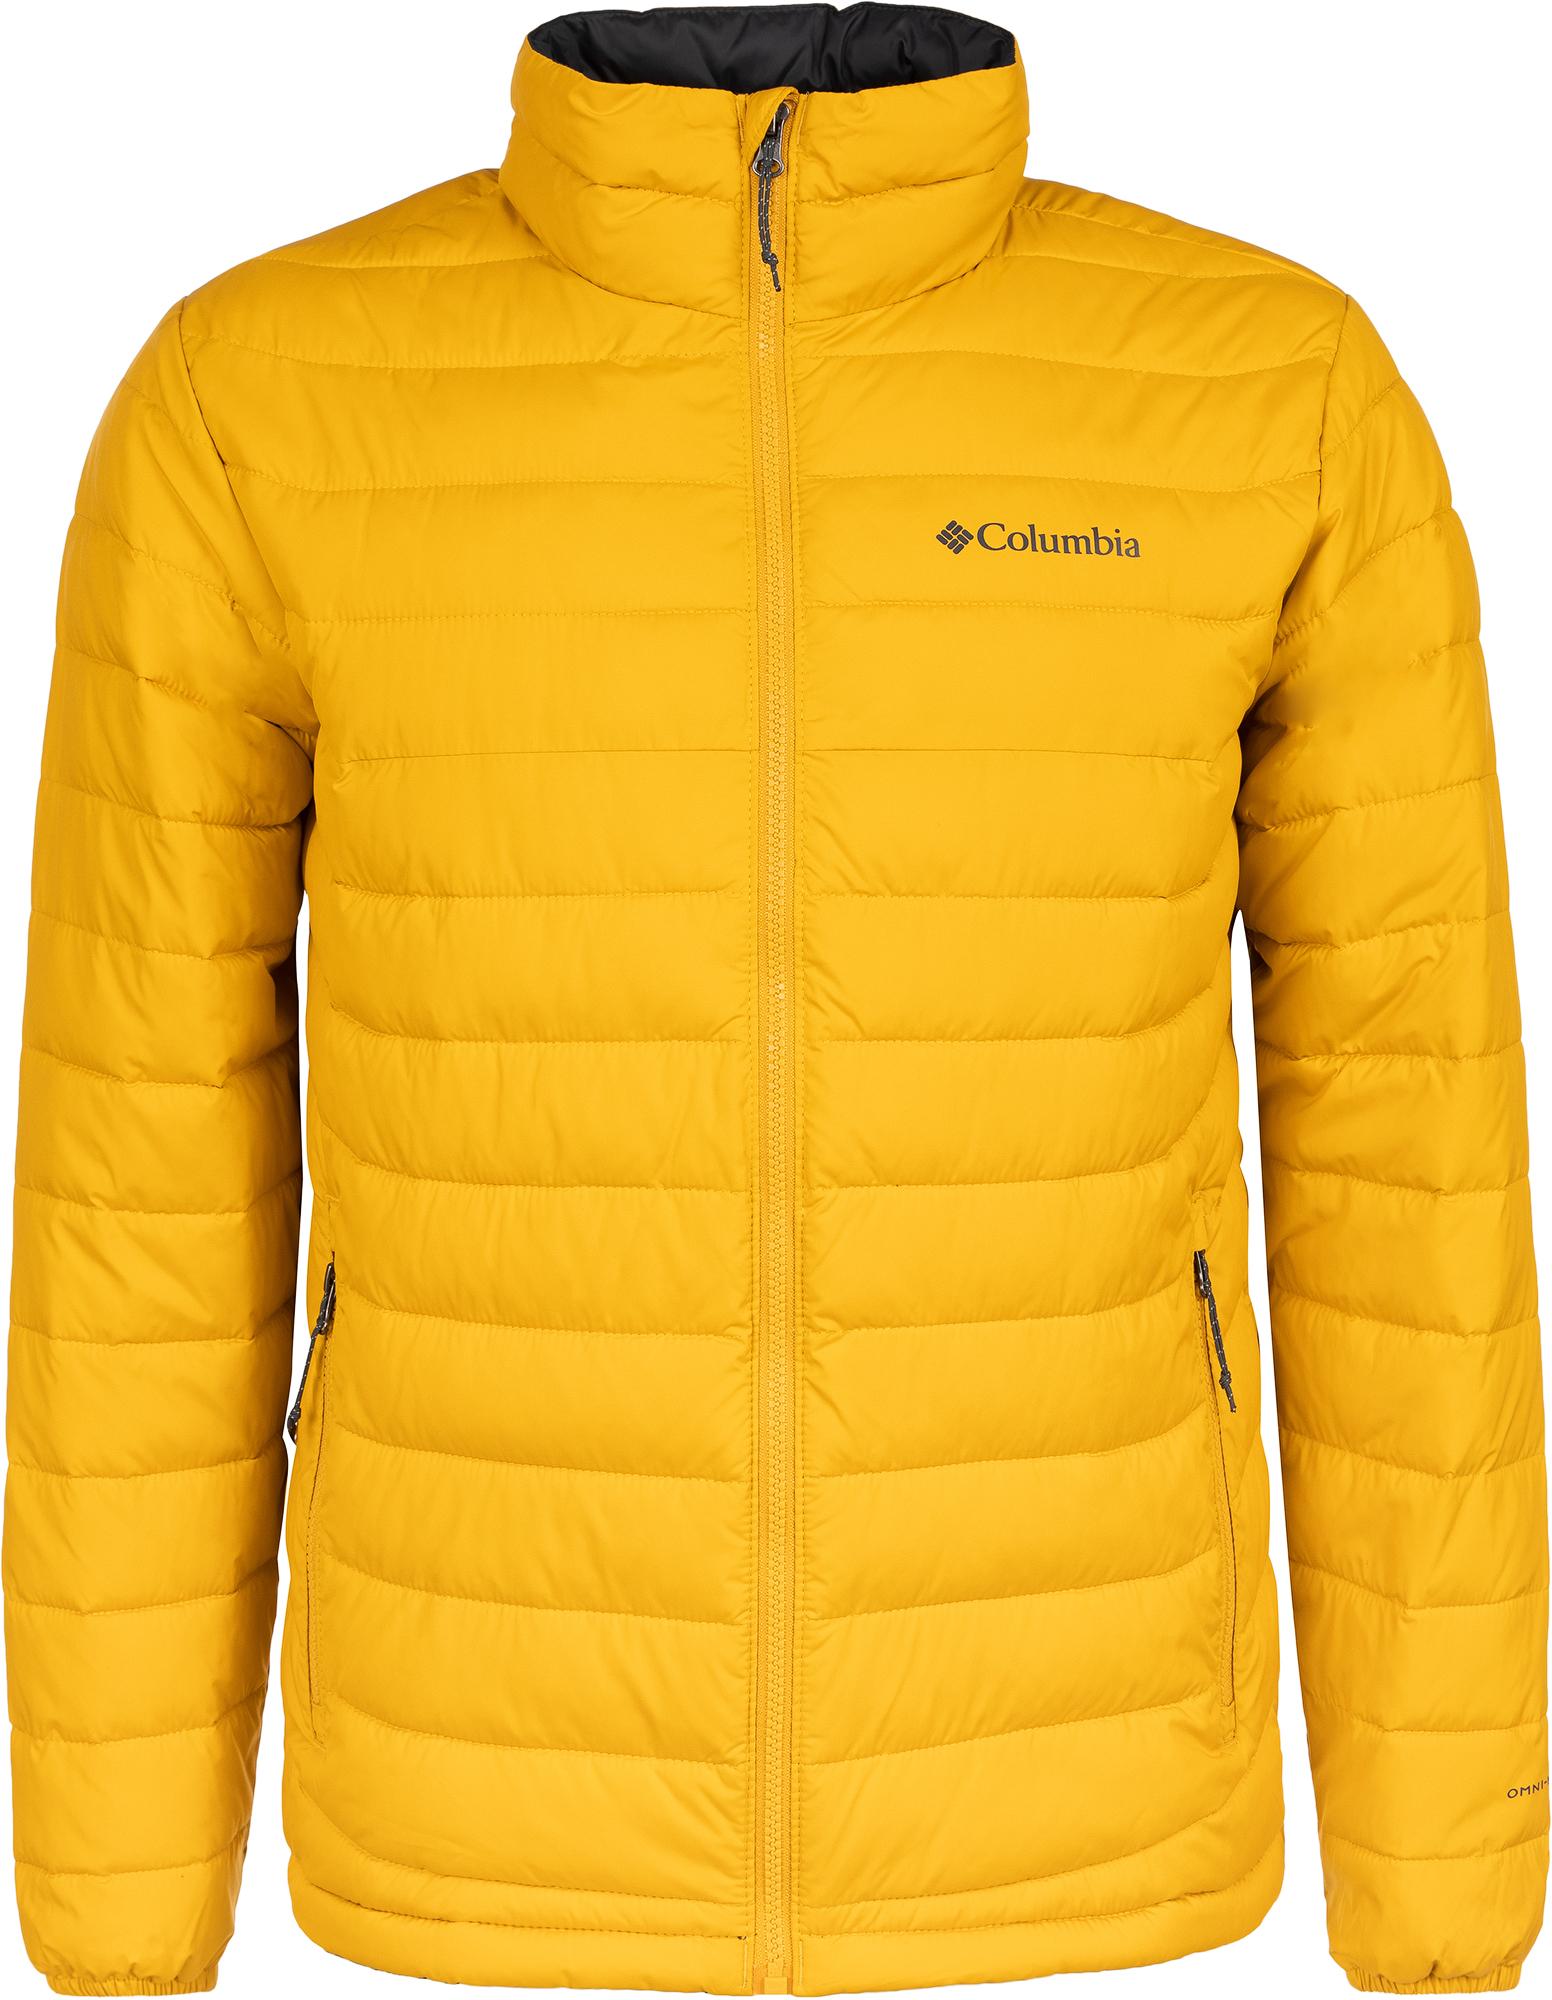 Columbia Куртка утепленная мужская Powder Lite™, размер 56